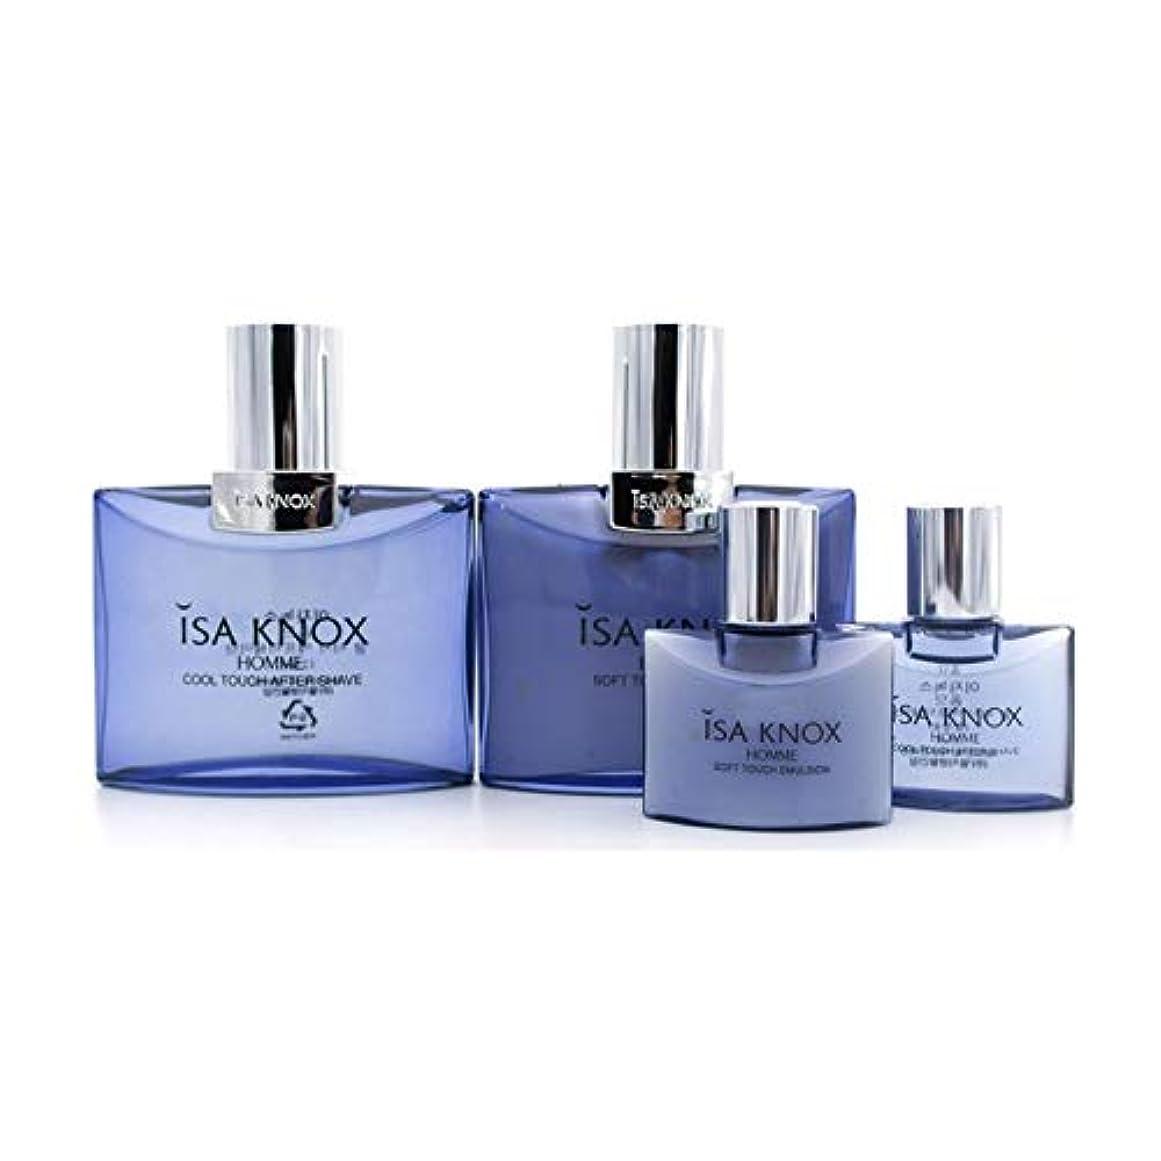 自発再編成する深いイザノックスオムアフターシェーブ160ml(125+35)エマルジョン160ml(125+35)セットメンズコスメ韓国コスメ、Isa Knox Homme After Shave Emulsion Set Men's Cosmetics...